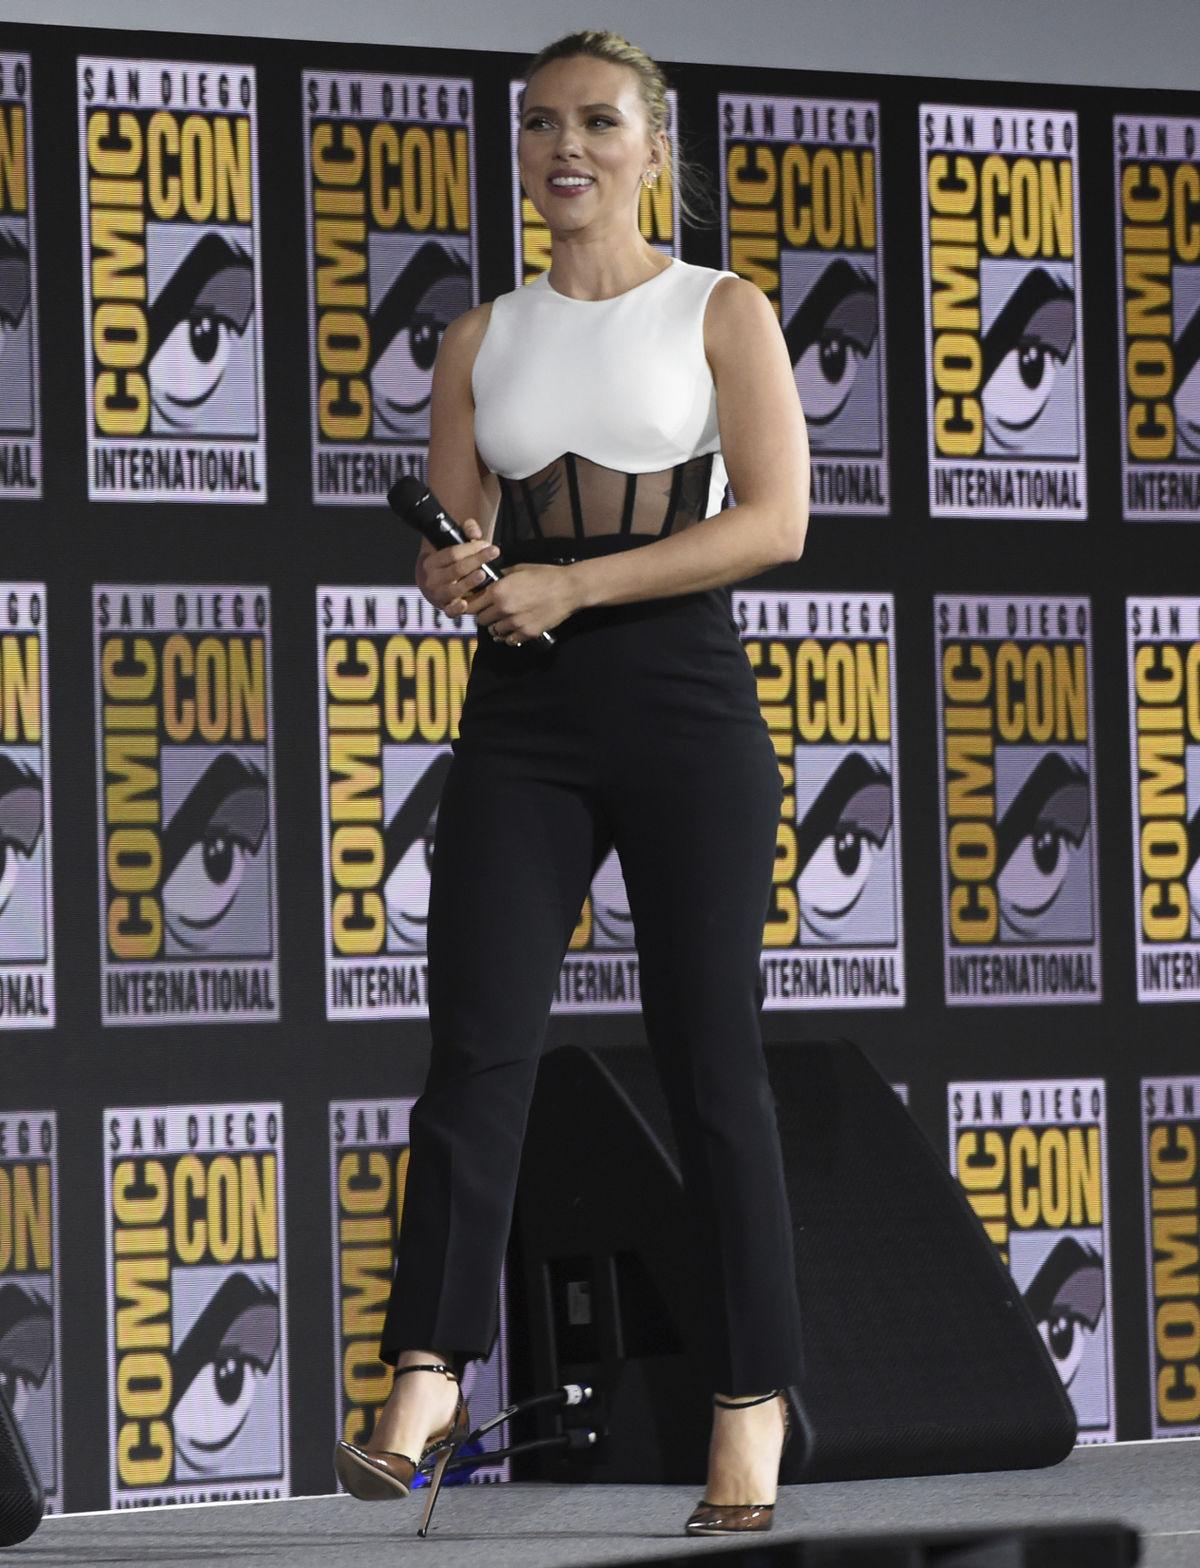 Herečka Scarlett Johansson na akcii Comic-Con...